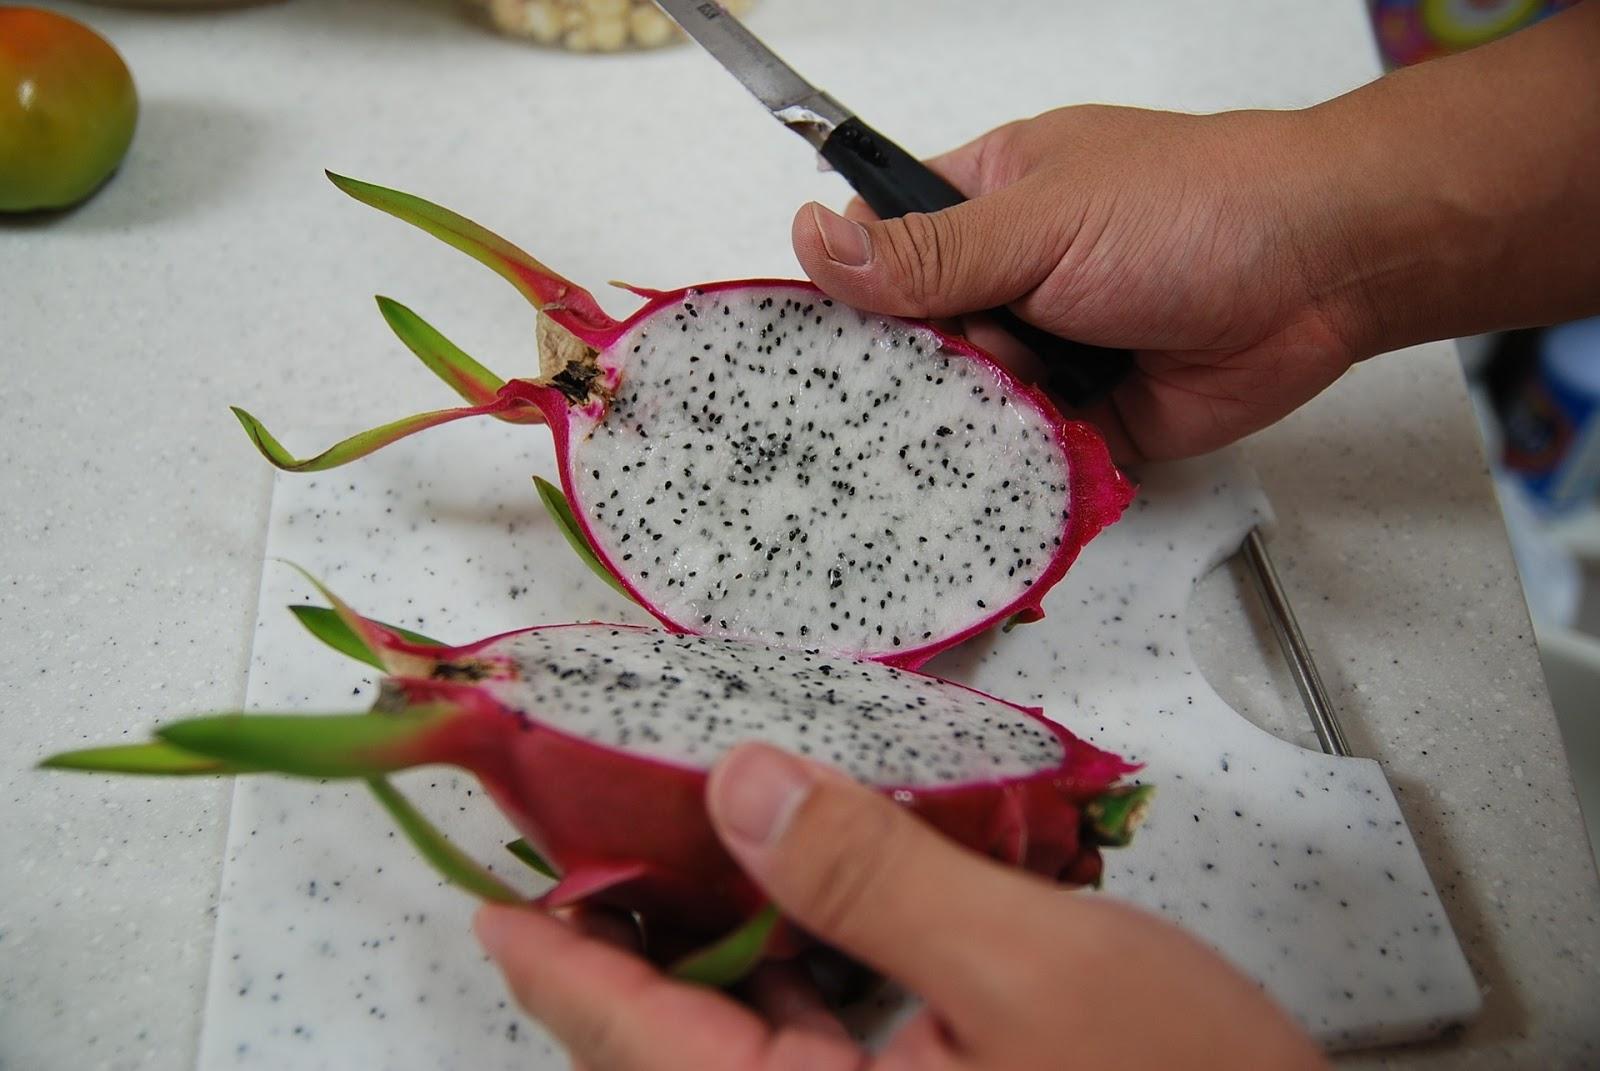 beberapa manfaat buah naga berdasarkan jenis warna